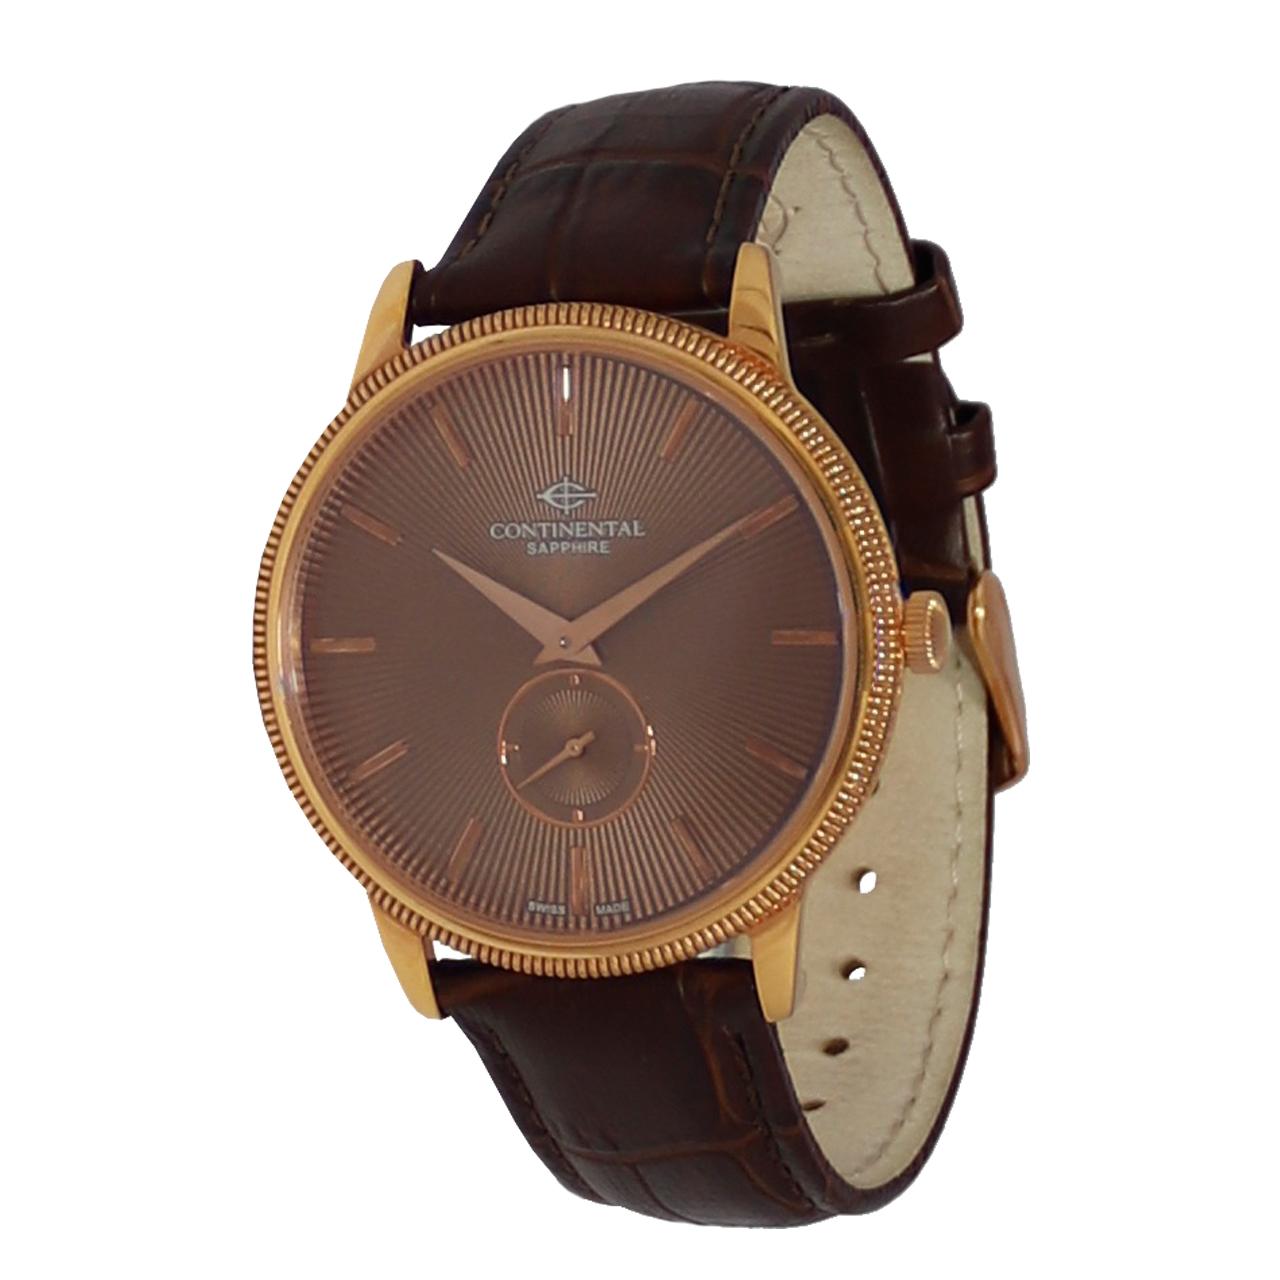 ساعت مچی عقربه ای مردانه کنتیننتال مدل 15201-R156